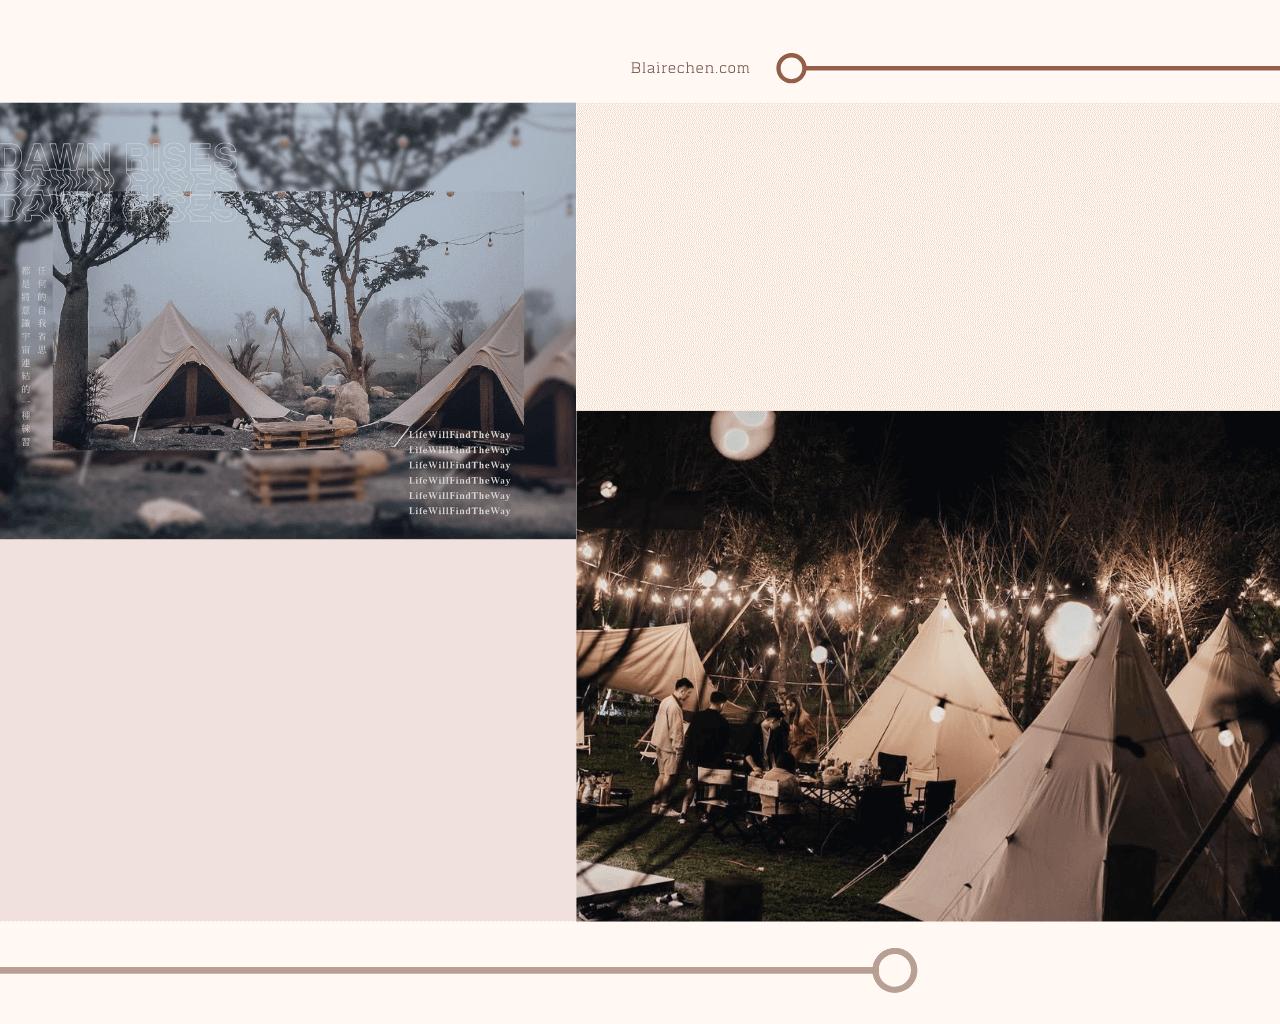 【台灣露營區推薦】|露營新手也能享受樂趣!今晚就睡帳棚!露營愛好者必收精選名單!